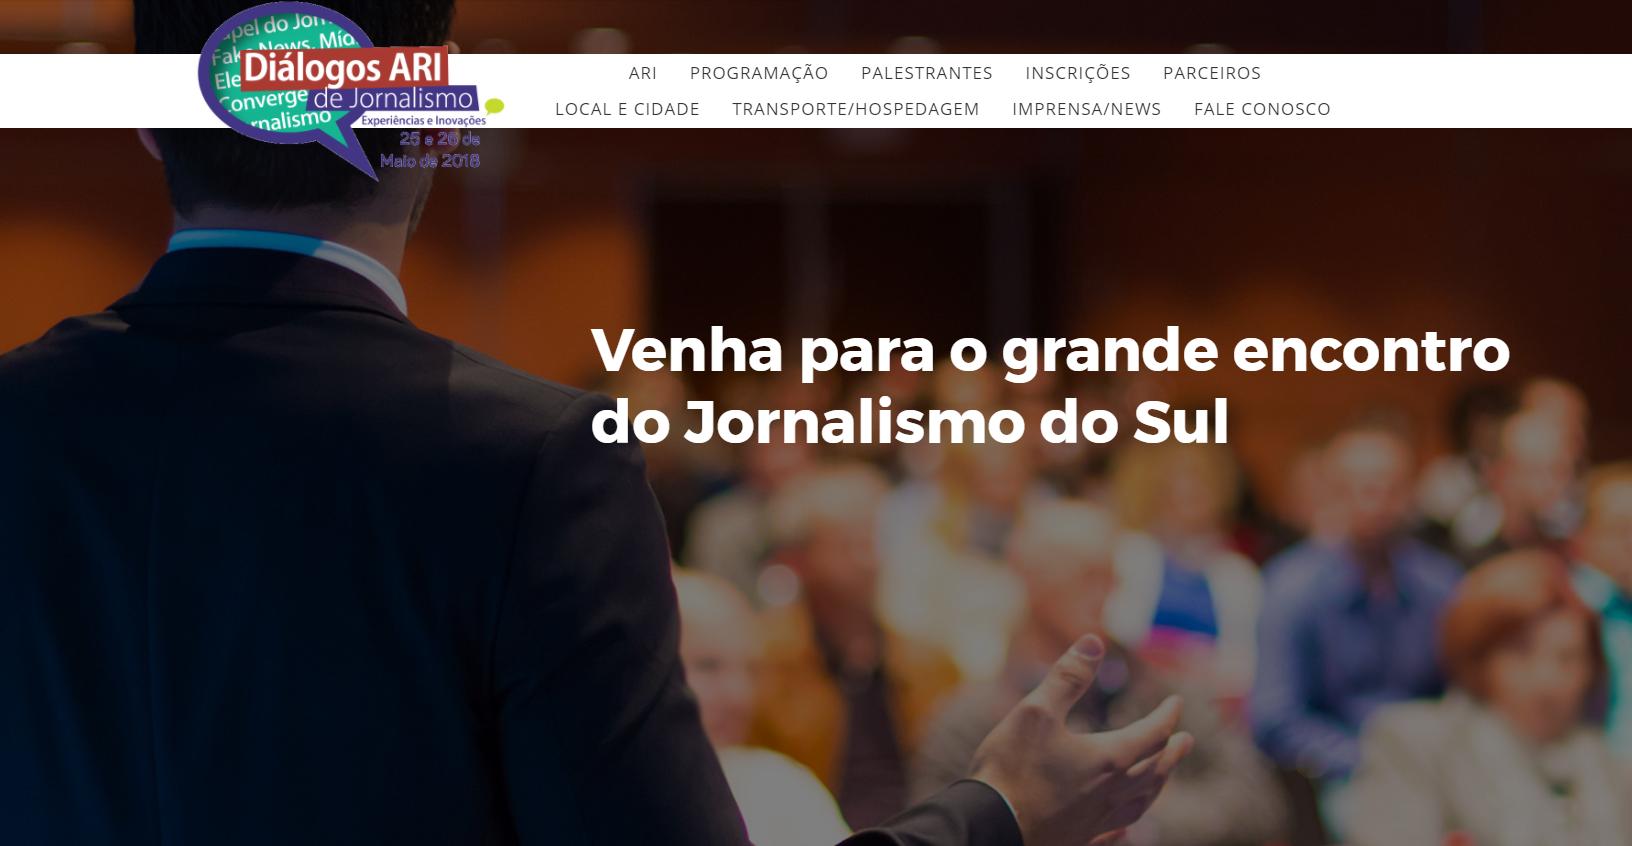 Página do evento Diálogos ARI de Jornalismo